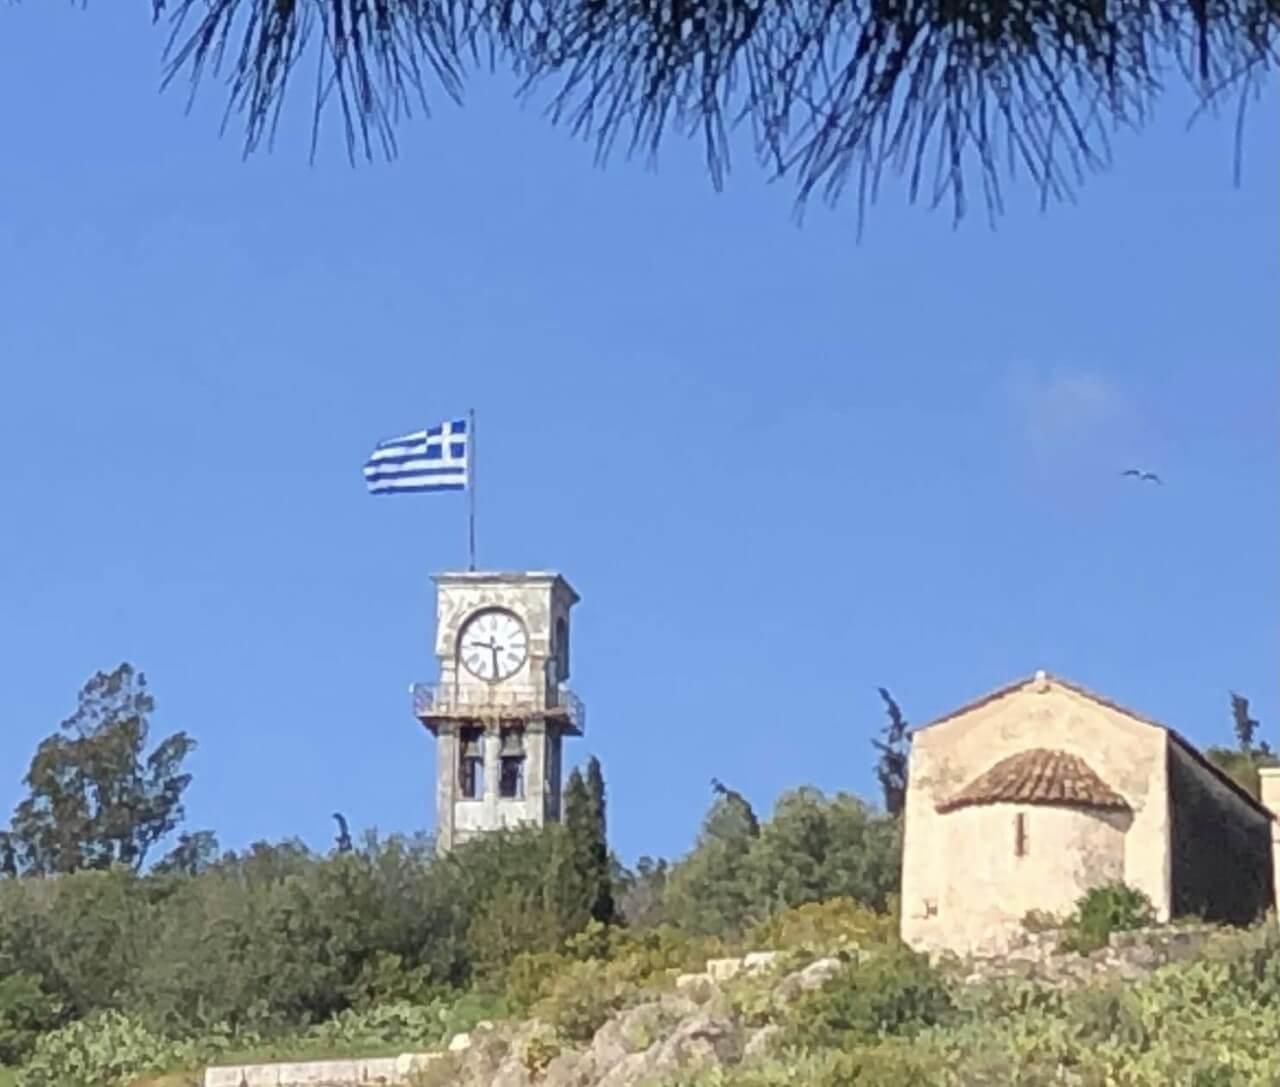 Δήμος Ελευσίνας : Το Ρολόι της πόλης στον κατάλογο «Νεοτέρων Μνημείων» της χώρας.